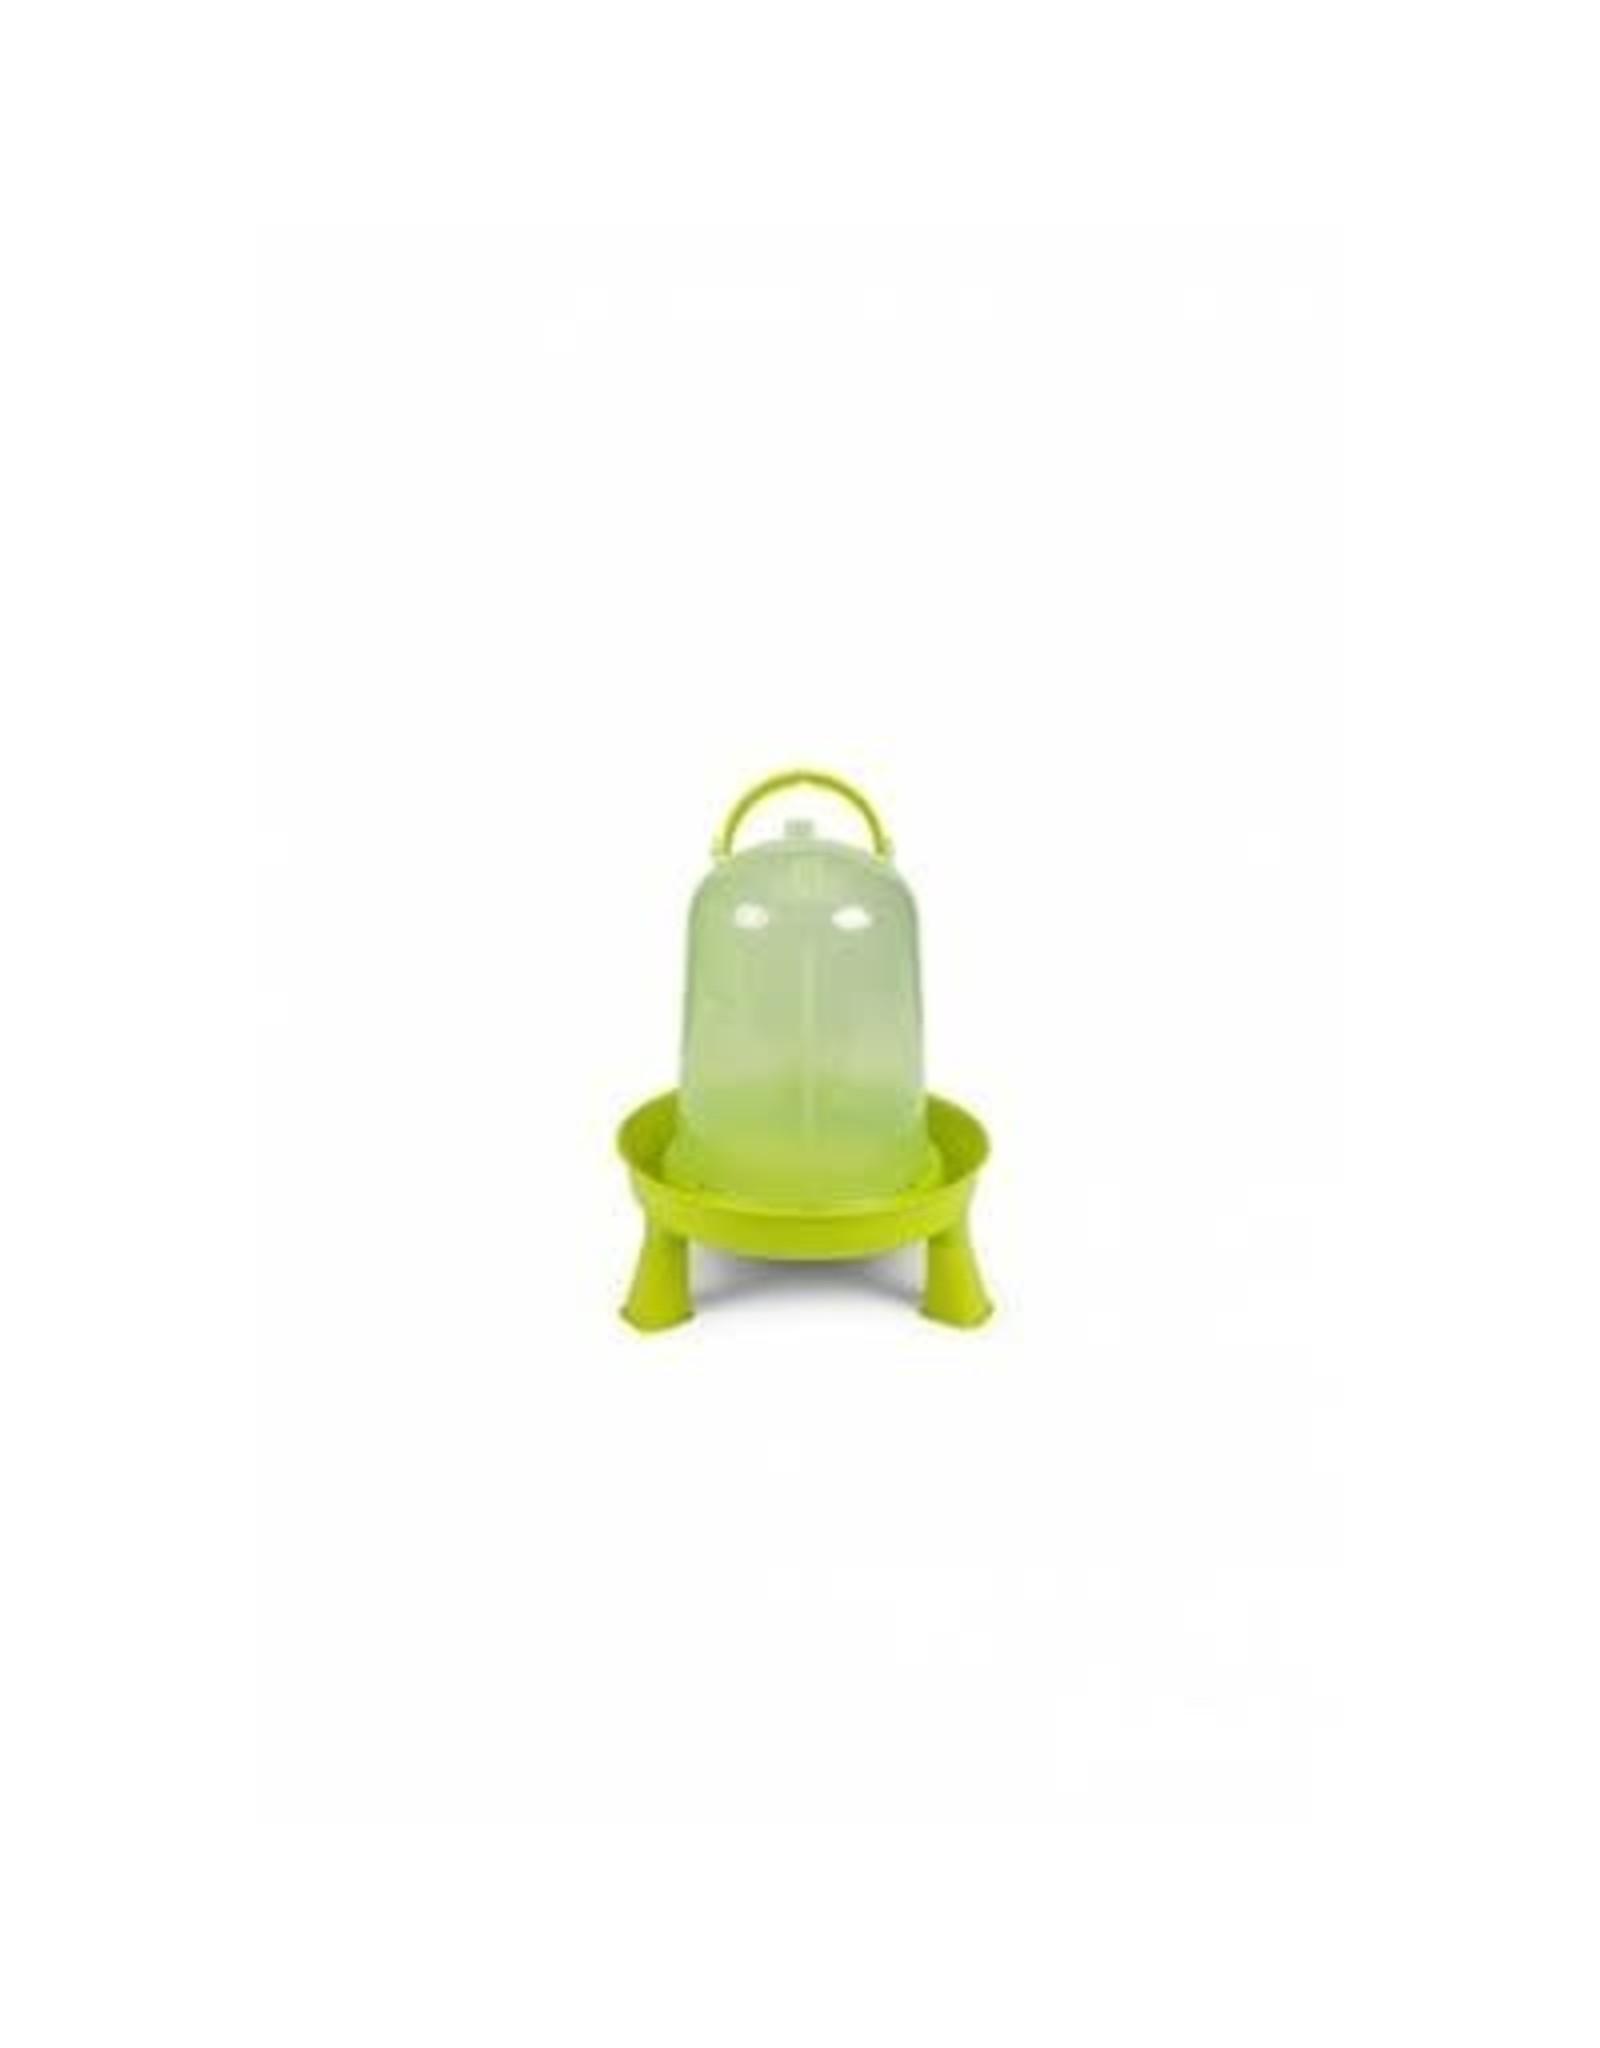 Gaun Abreuvoir volailles avec pieds, Eco. 3 L vert lime